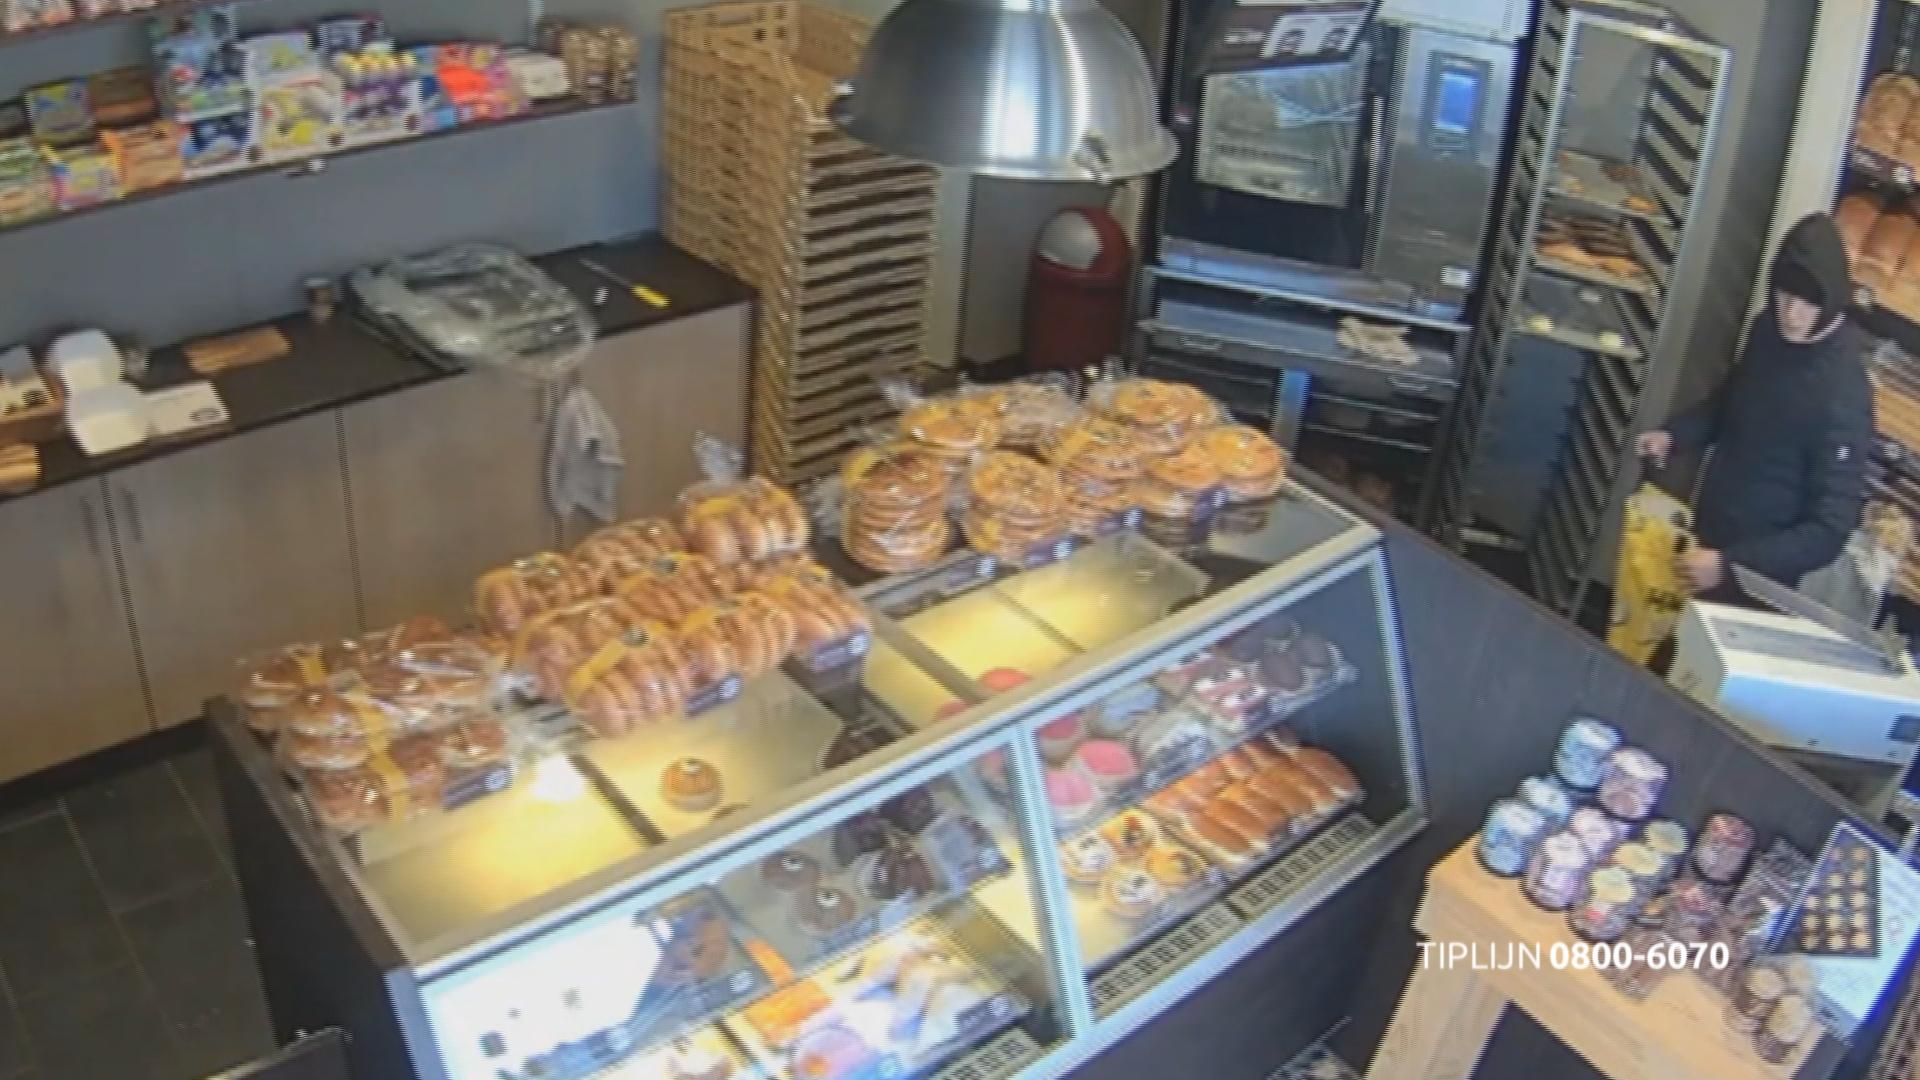 Tilburg - Gezocht - Overval op een bakkerij